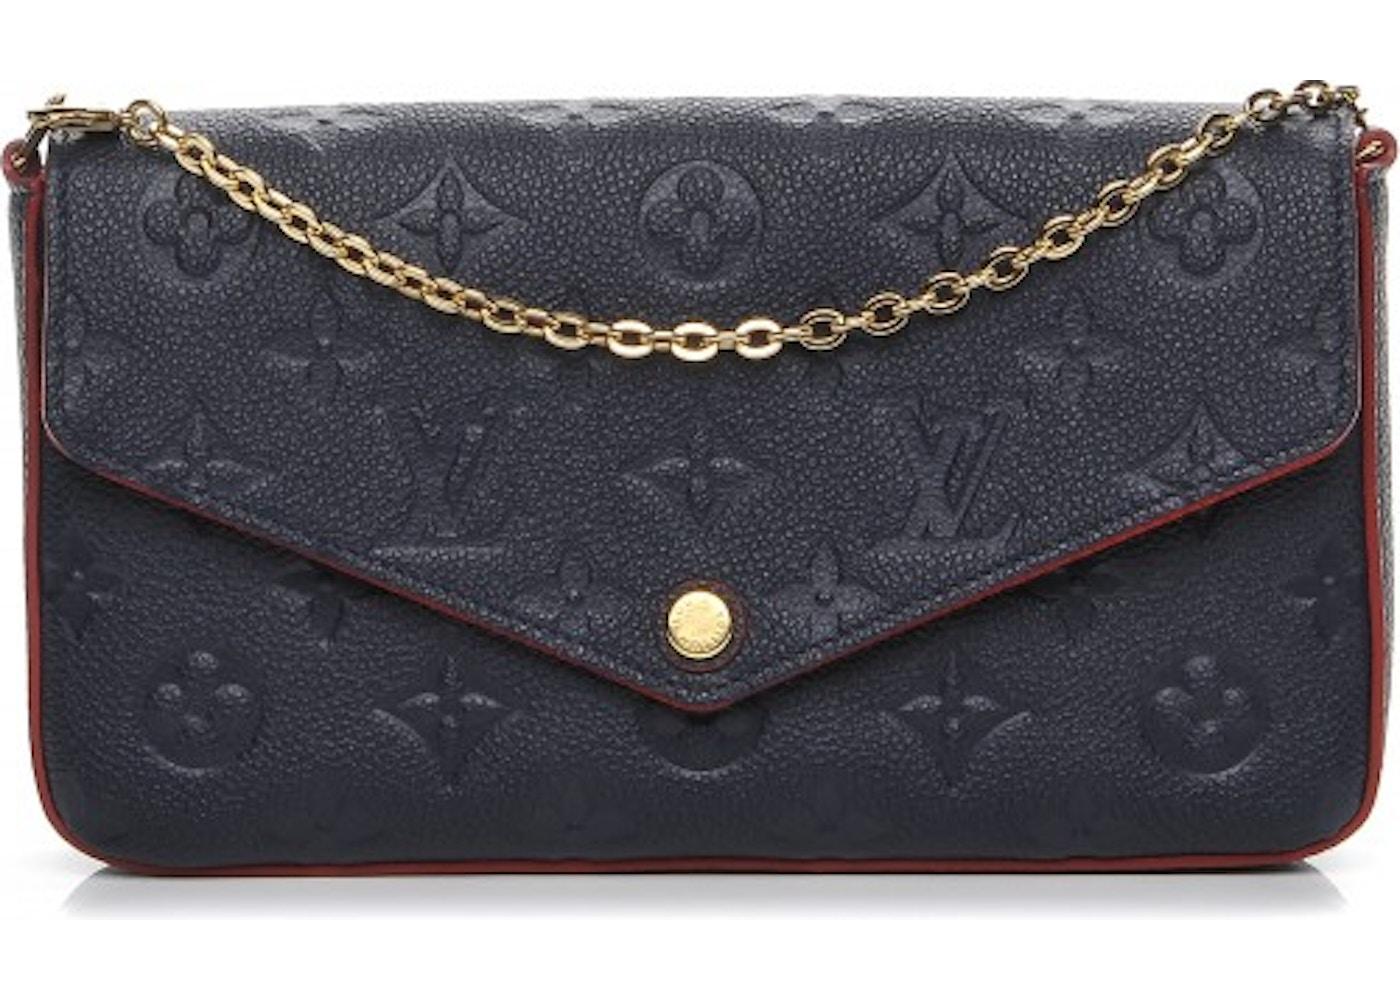 560fc5114c8e Louis Vuitton Pochette Felicie Monogram Empreinte Marine Rouge. Monogram  Empreinte Marine Rouge